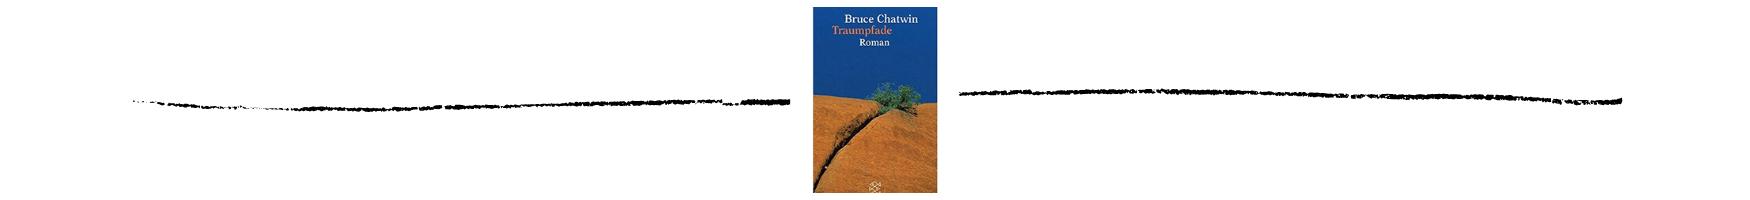 Traumpfade von Bruce Chatwin